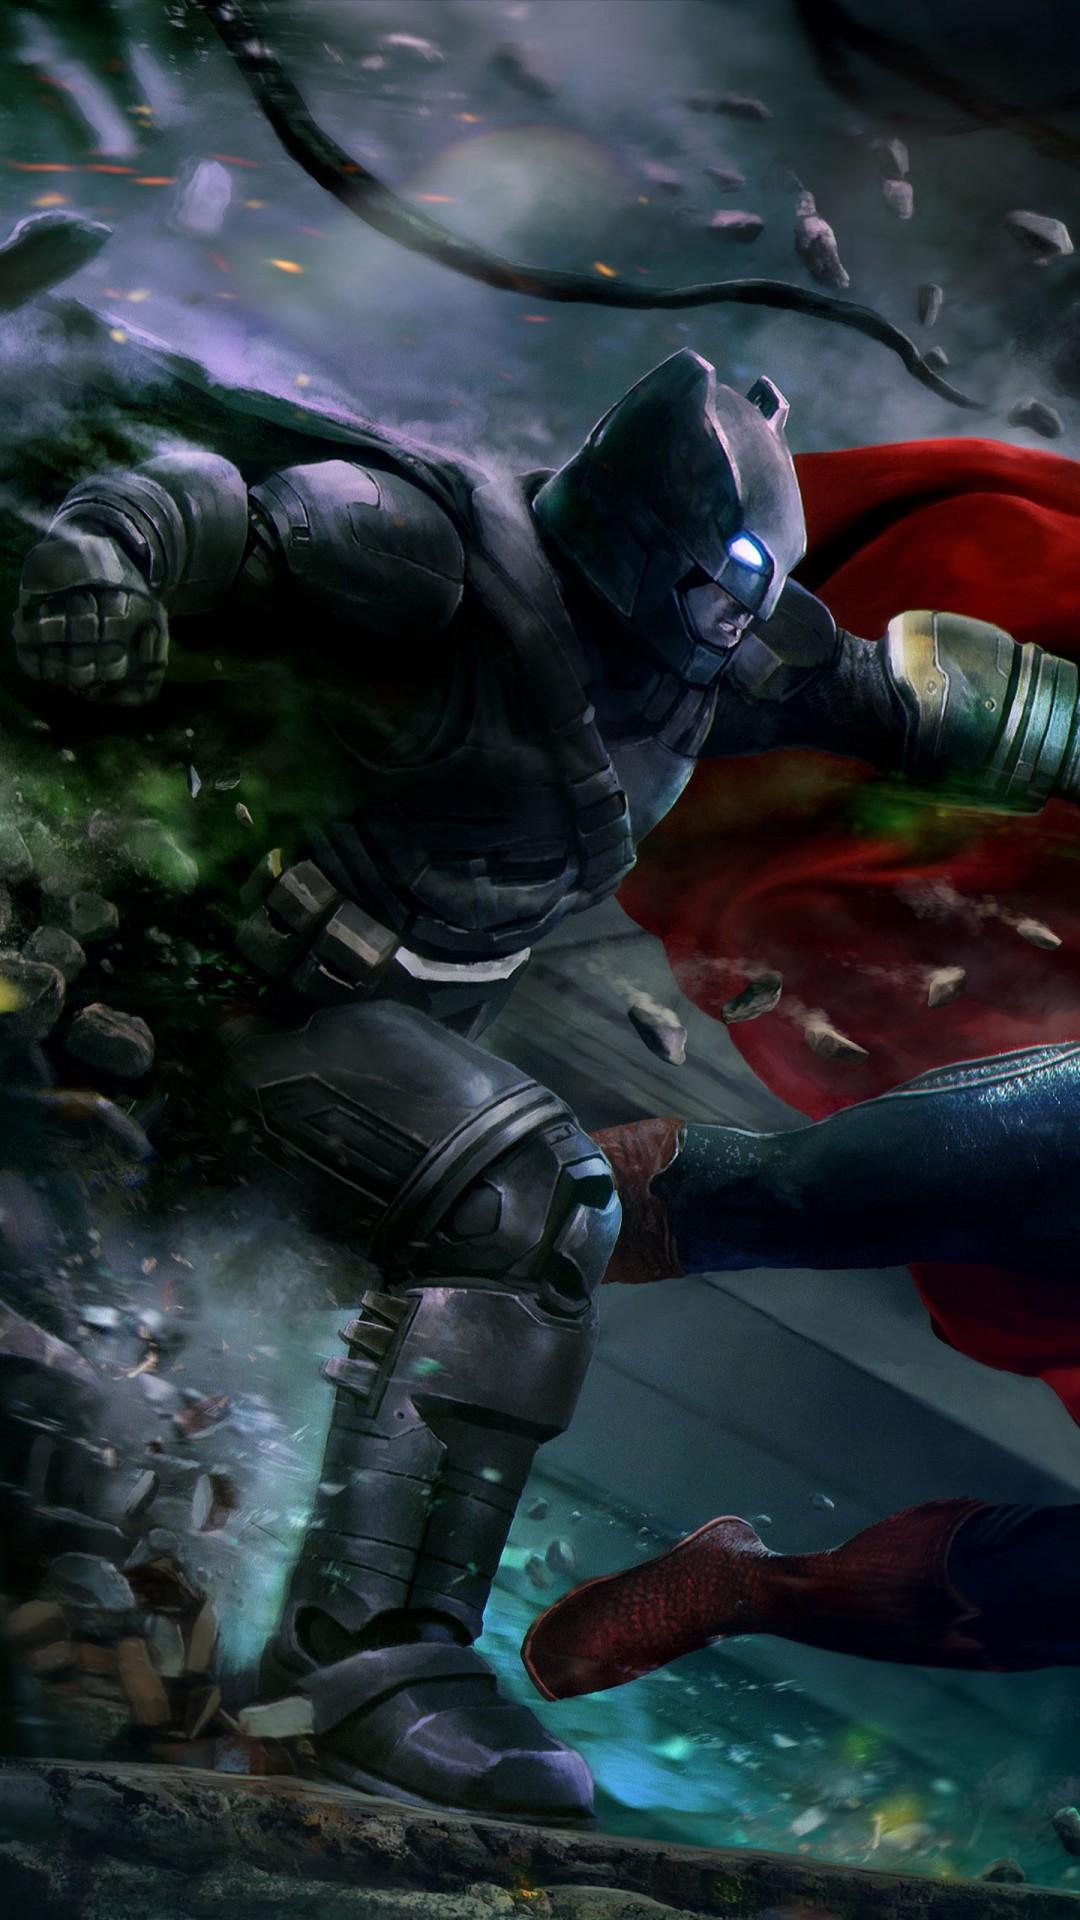 Batman Vs Superman Wallpaper 4k - HD Wallpaper